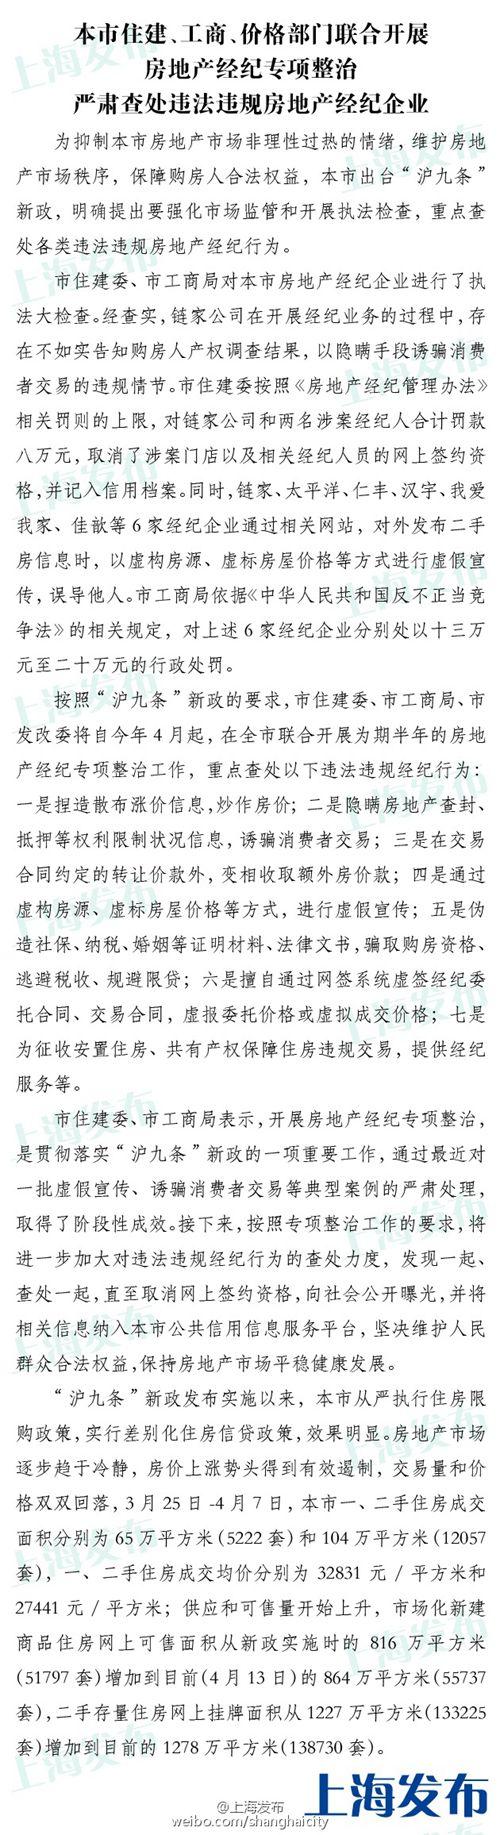 上海:链家等6家房产经纪公司虚假宣传被罚